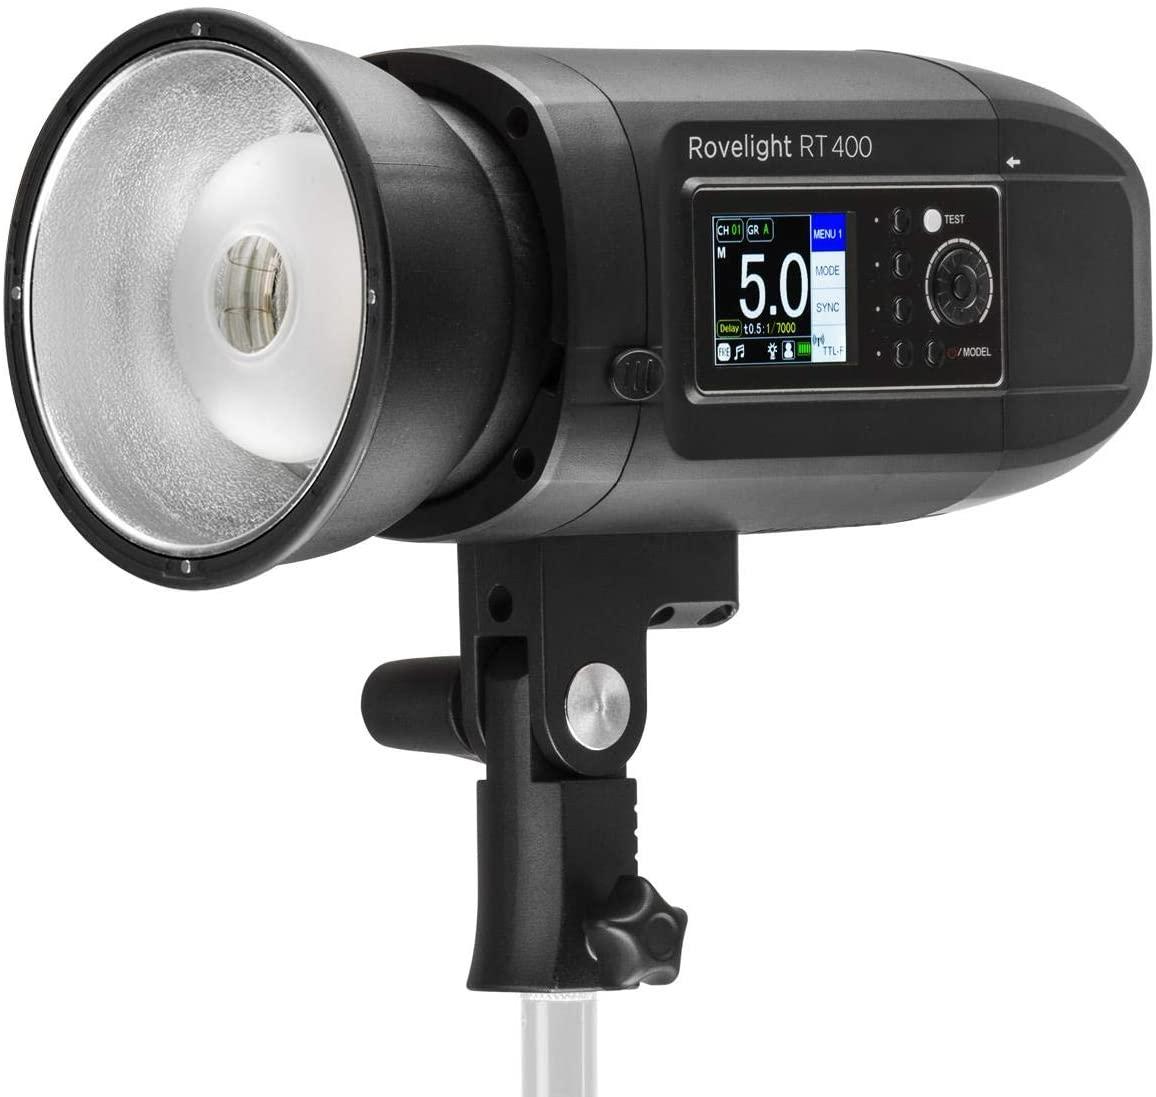 ORLIT RoveLight RT 400 HSS TTL Battery-Powered Monolight (Bowens Mount)